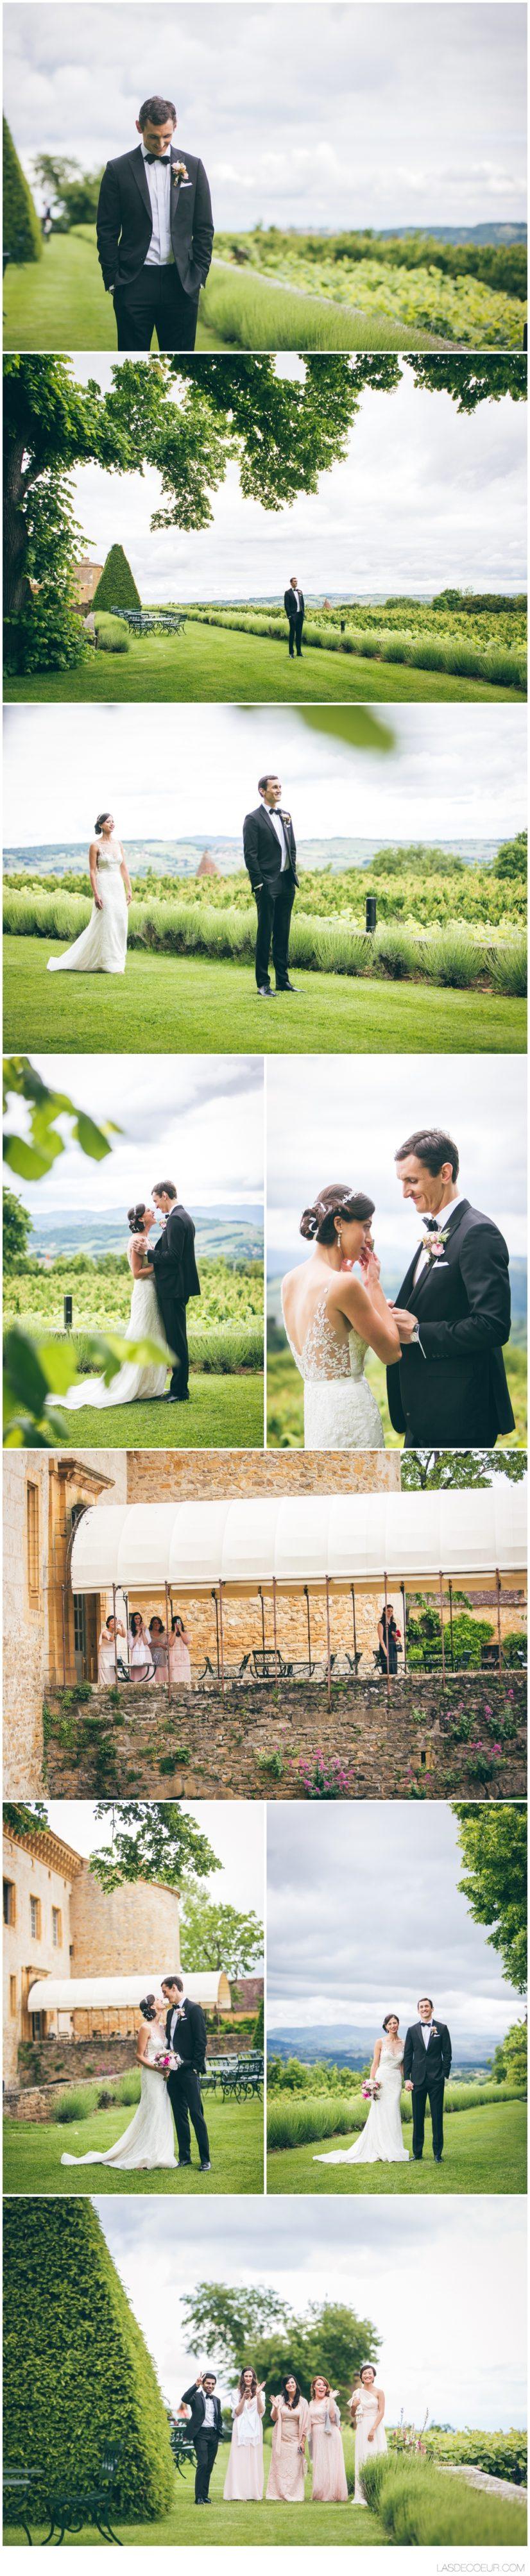 Photographe mariage Lyon Chateau Bagnols rencontre mariés